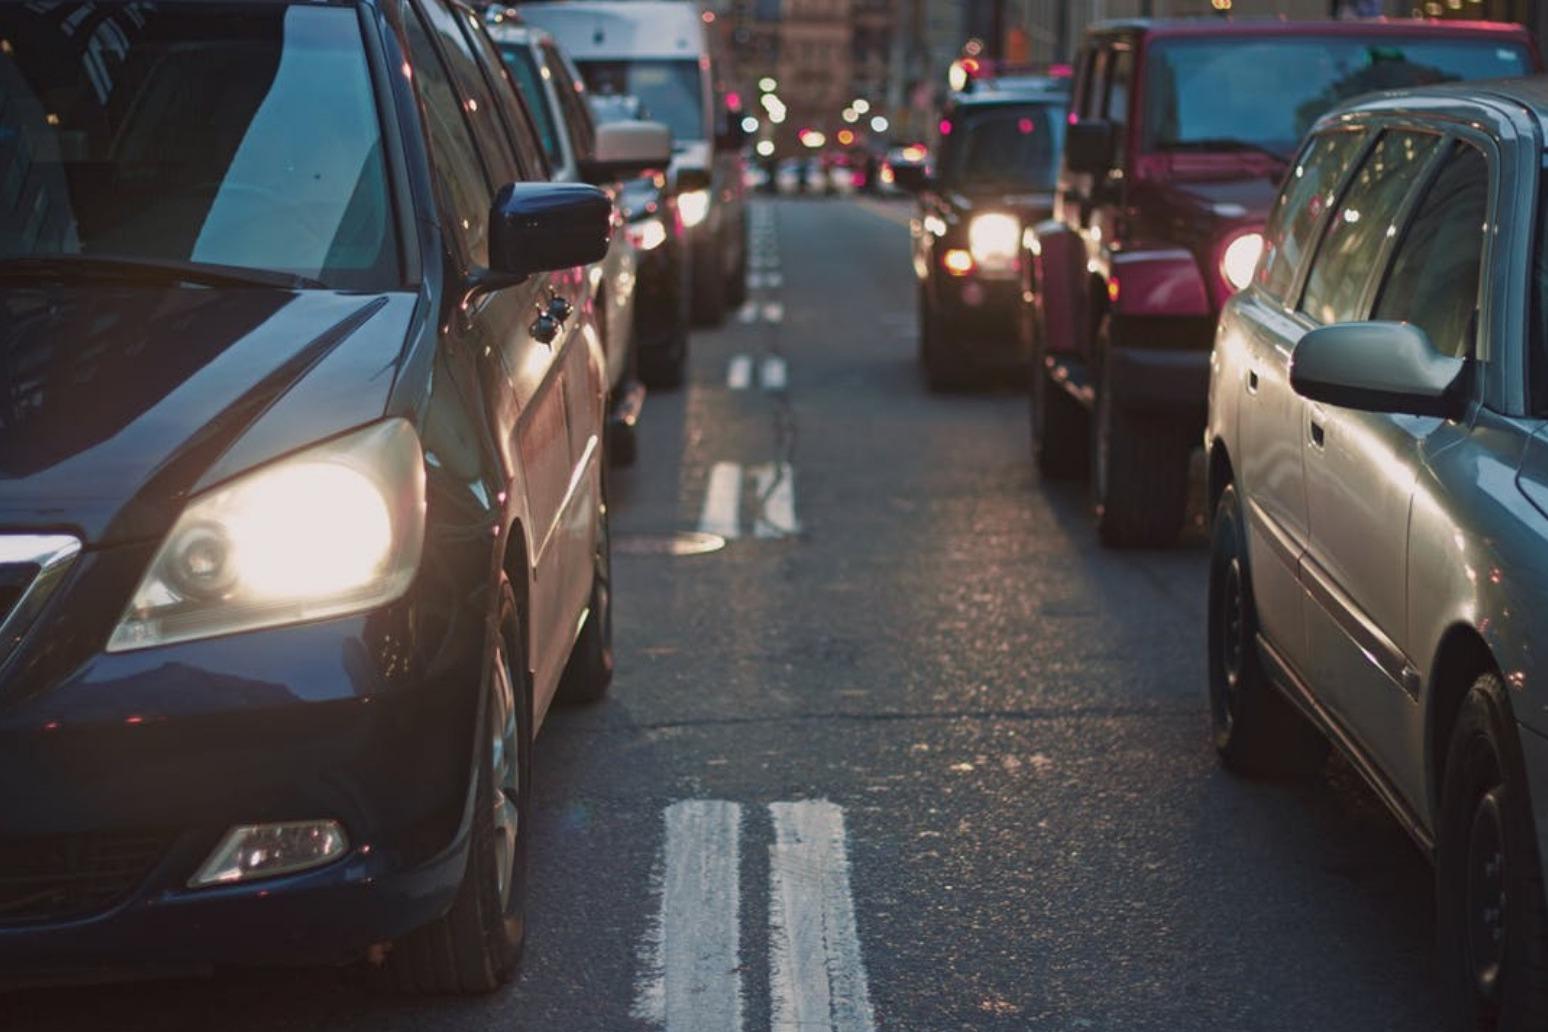 Electric cars still causing air pollution